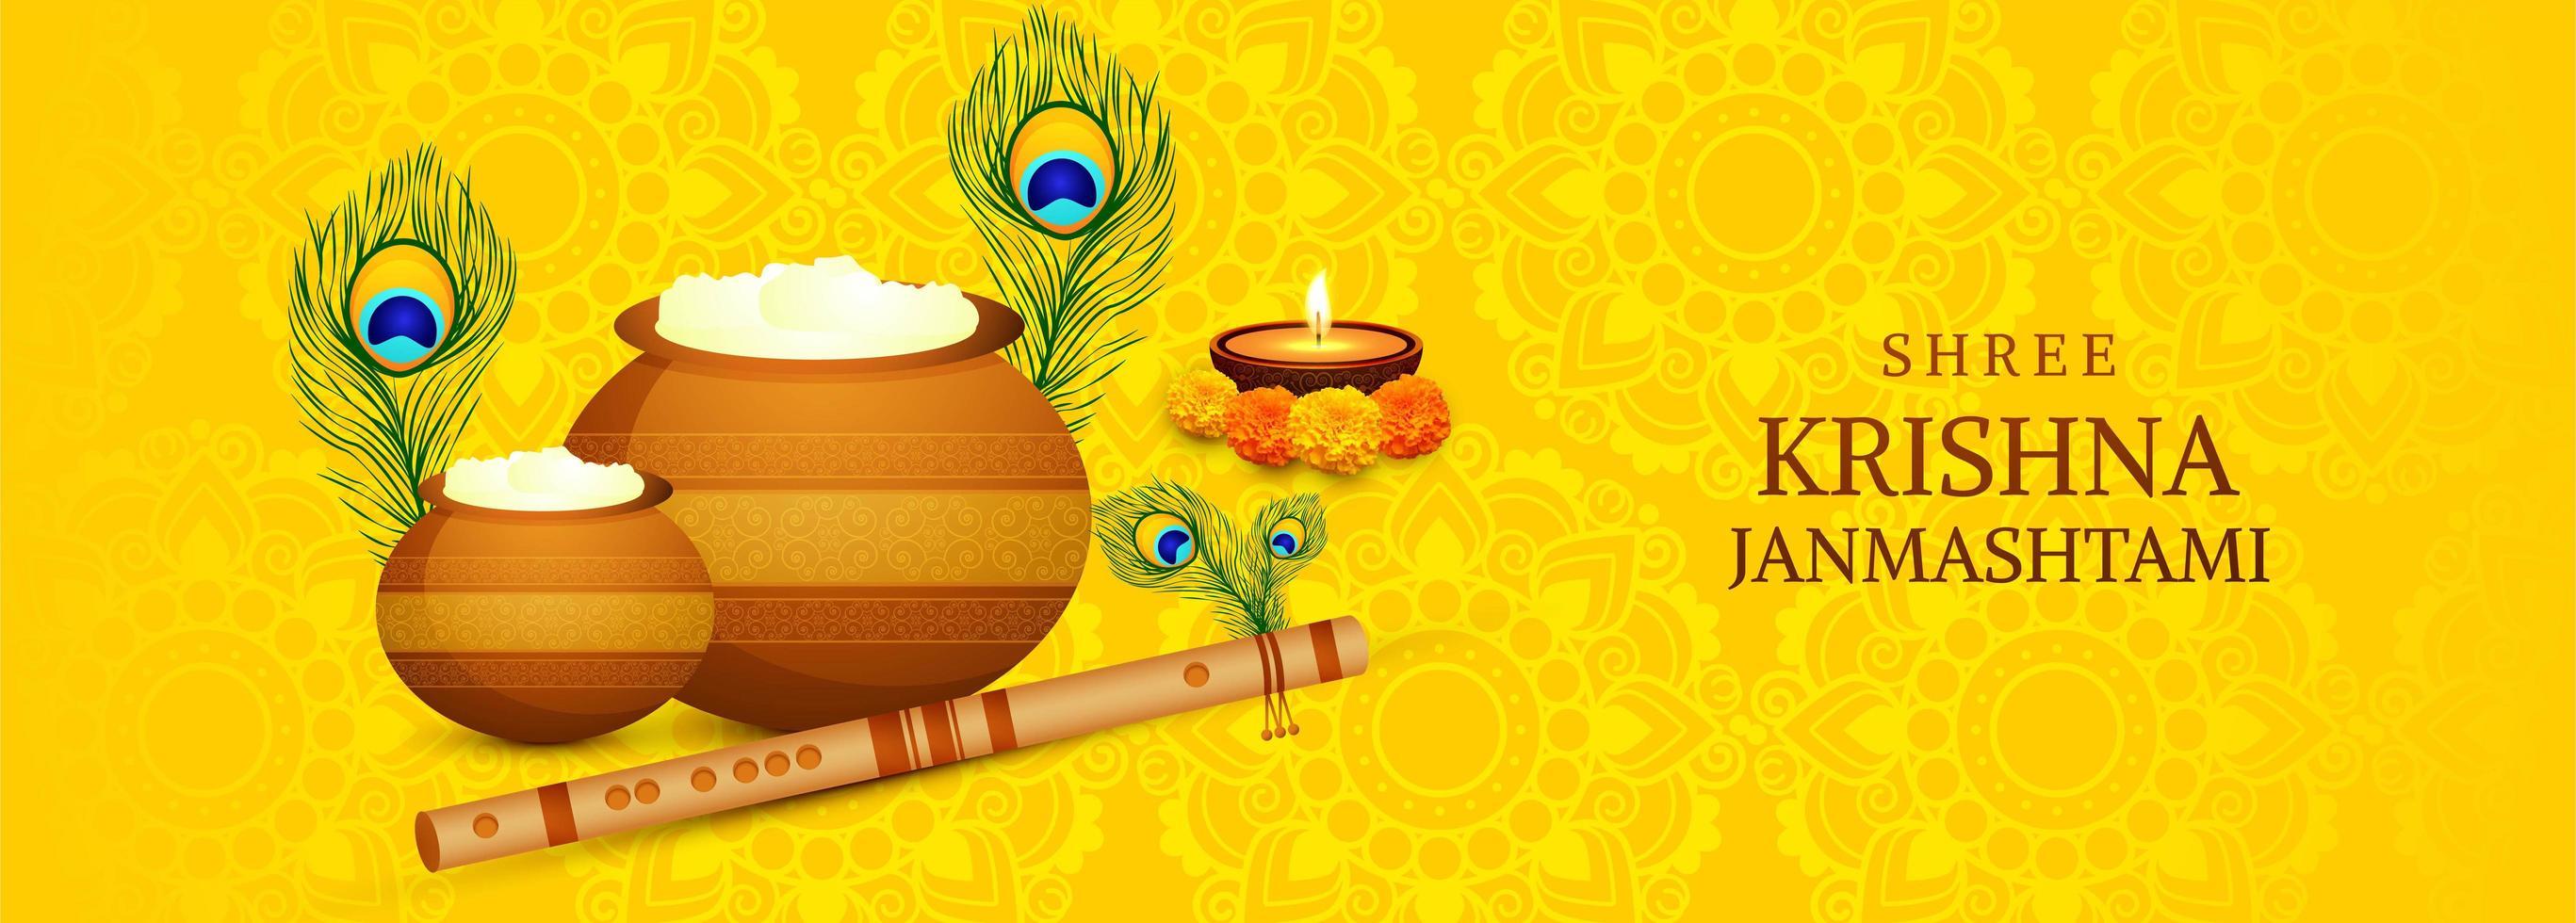 shree krishna janmashtami festival kort med krukor banner vektor